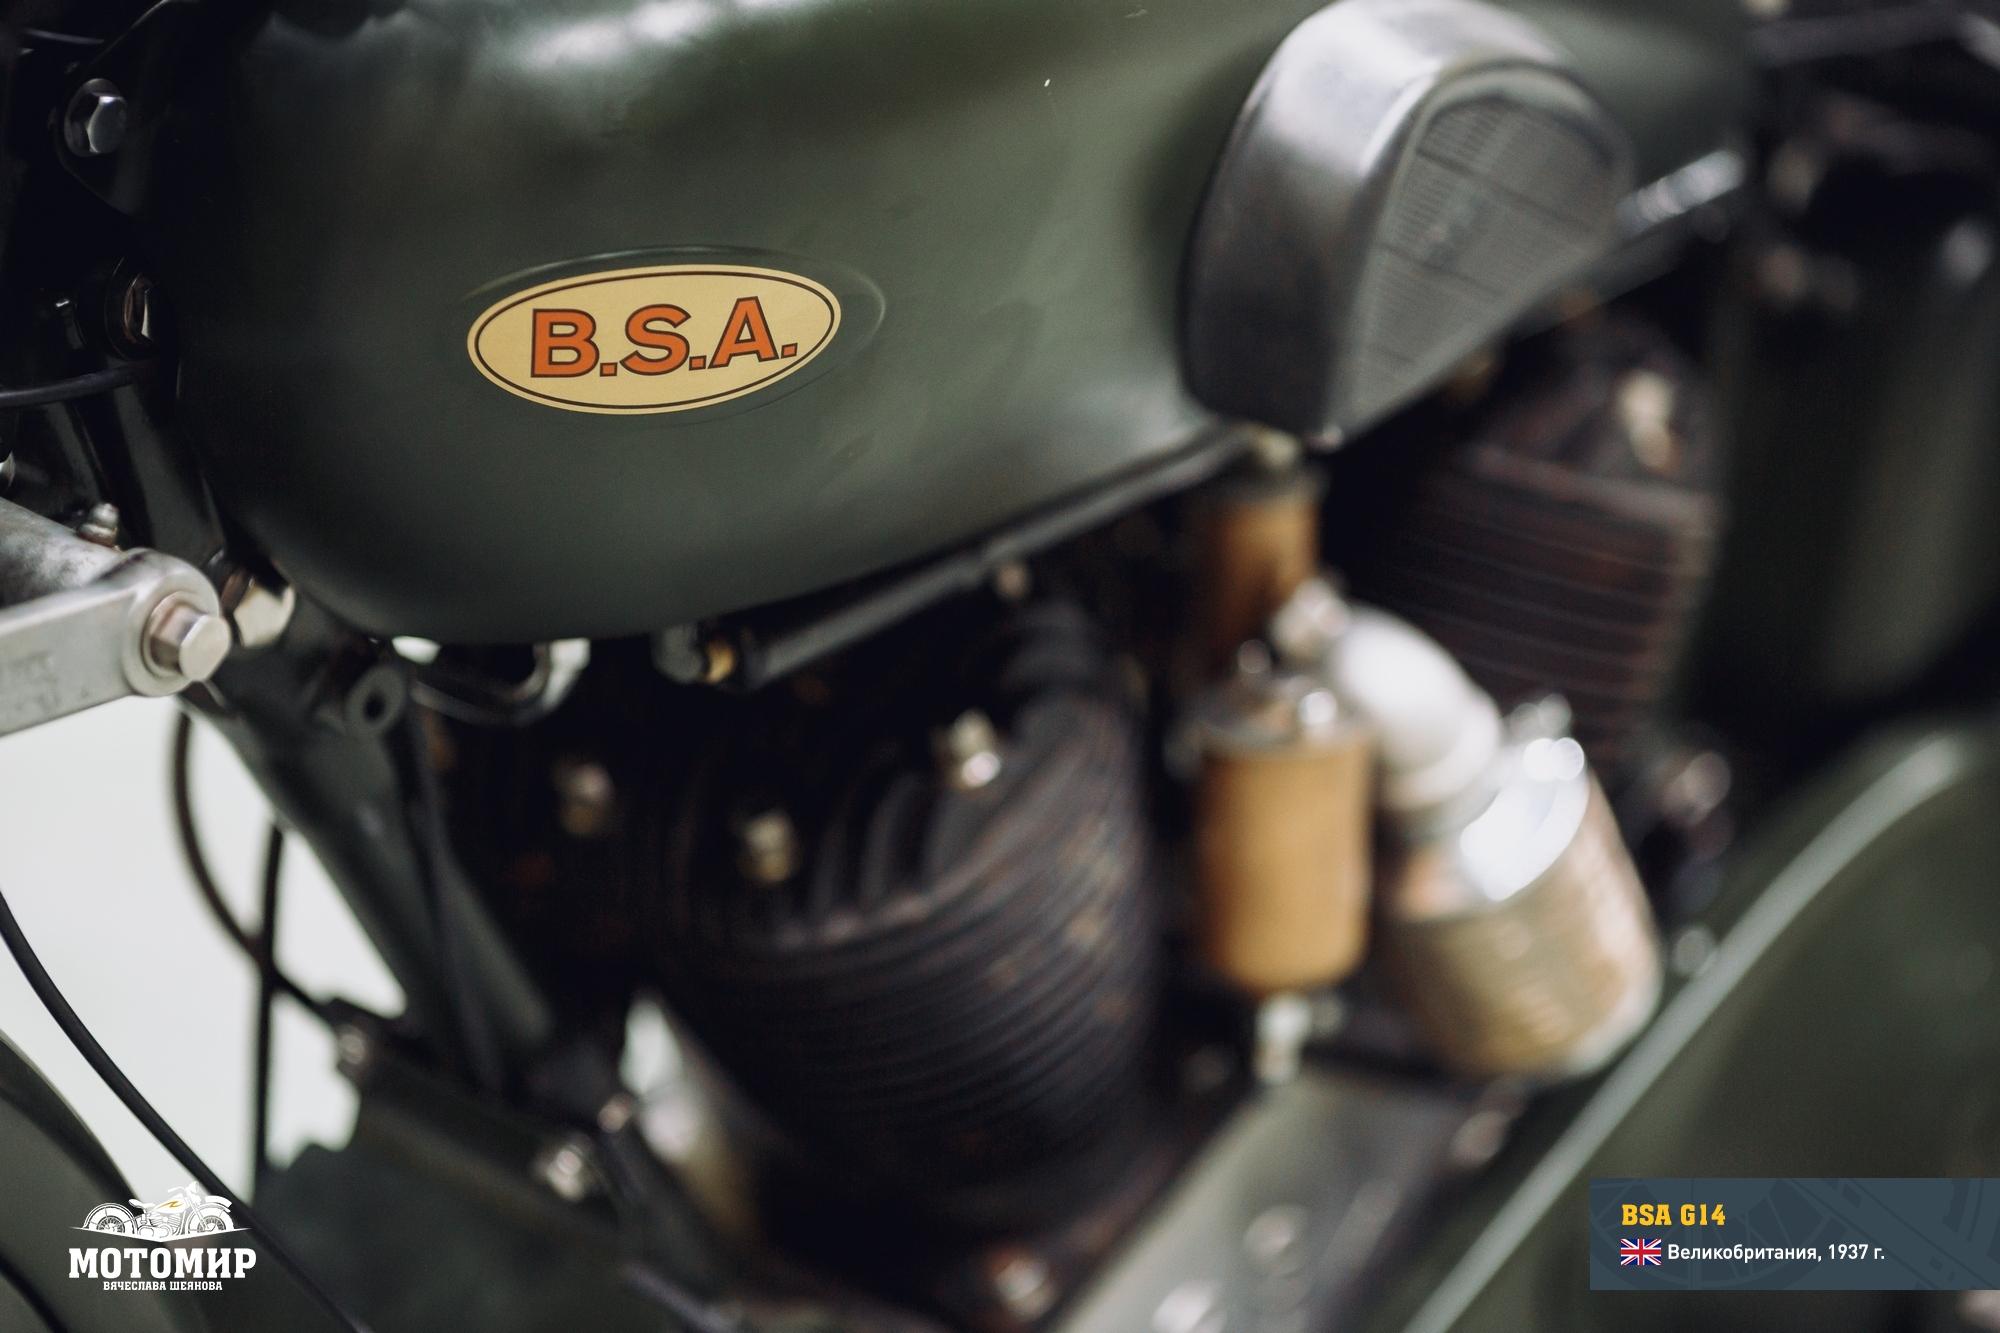 bsa-g14-1937-201504-web-16